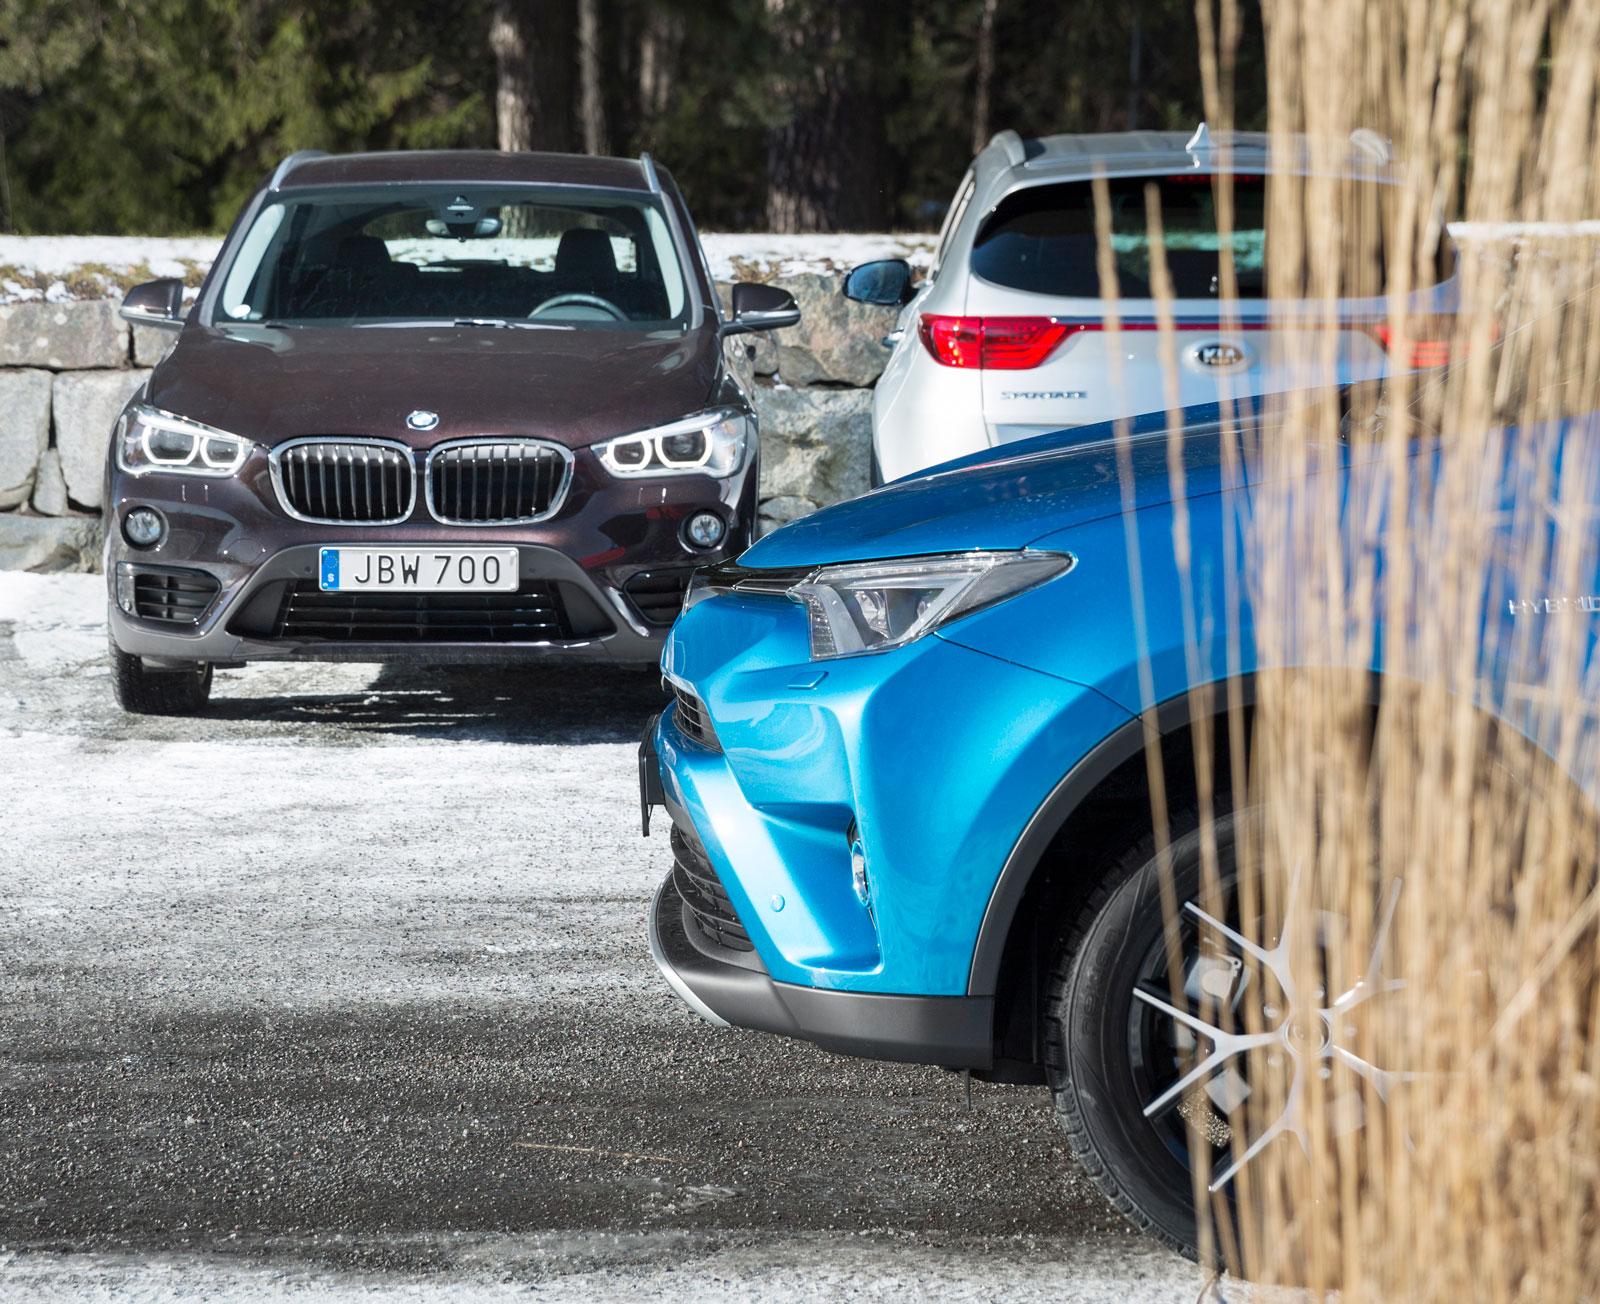 Diesel, bensin och hybrid – i det här testet har drivsätten varierat mer än biltypen.